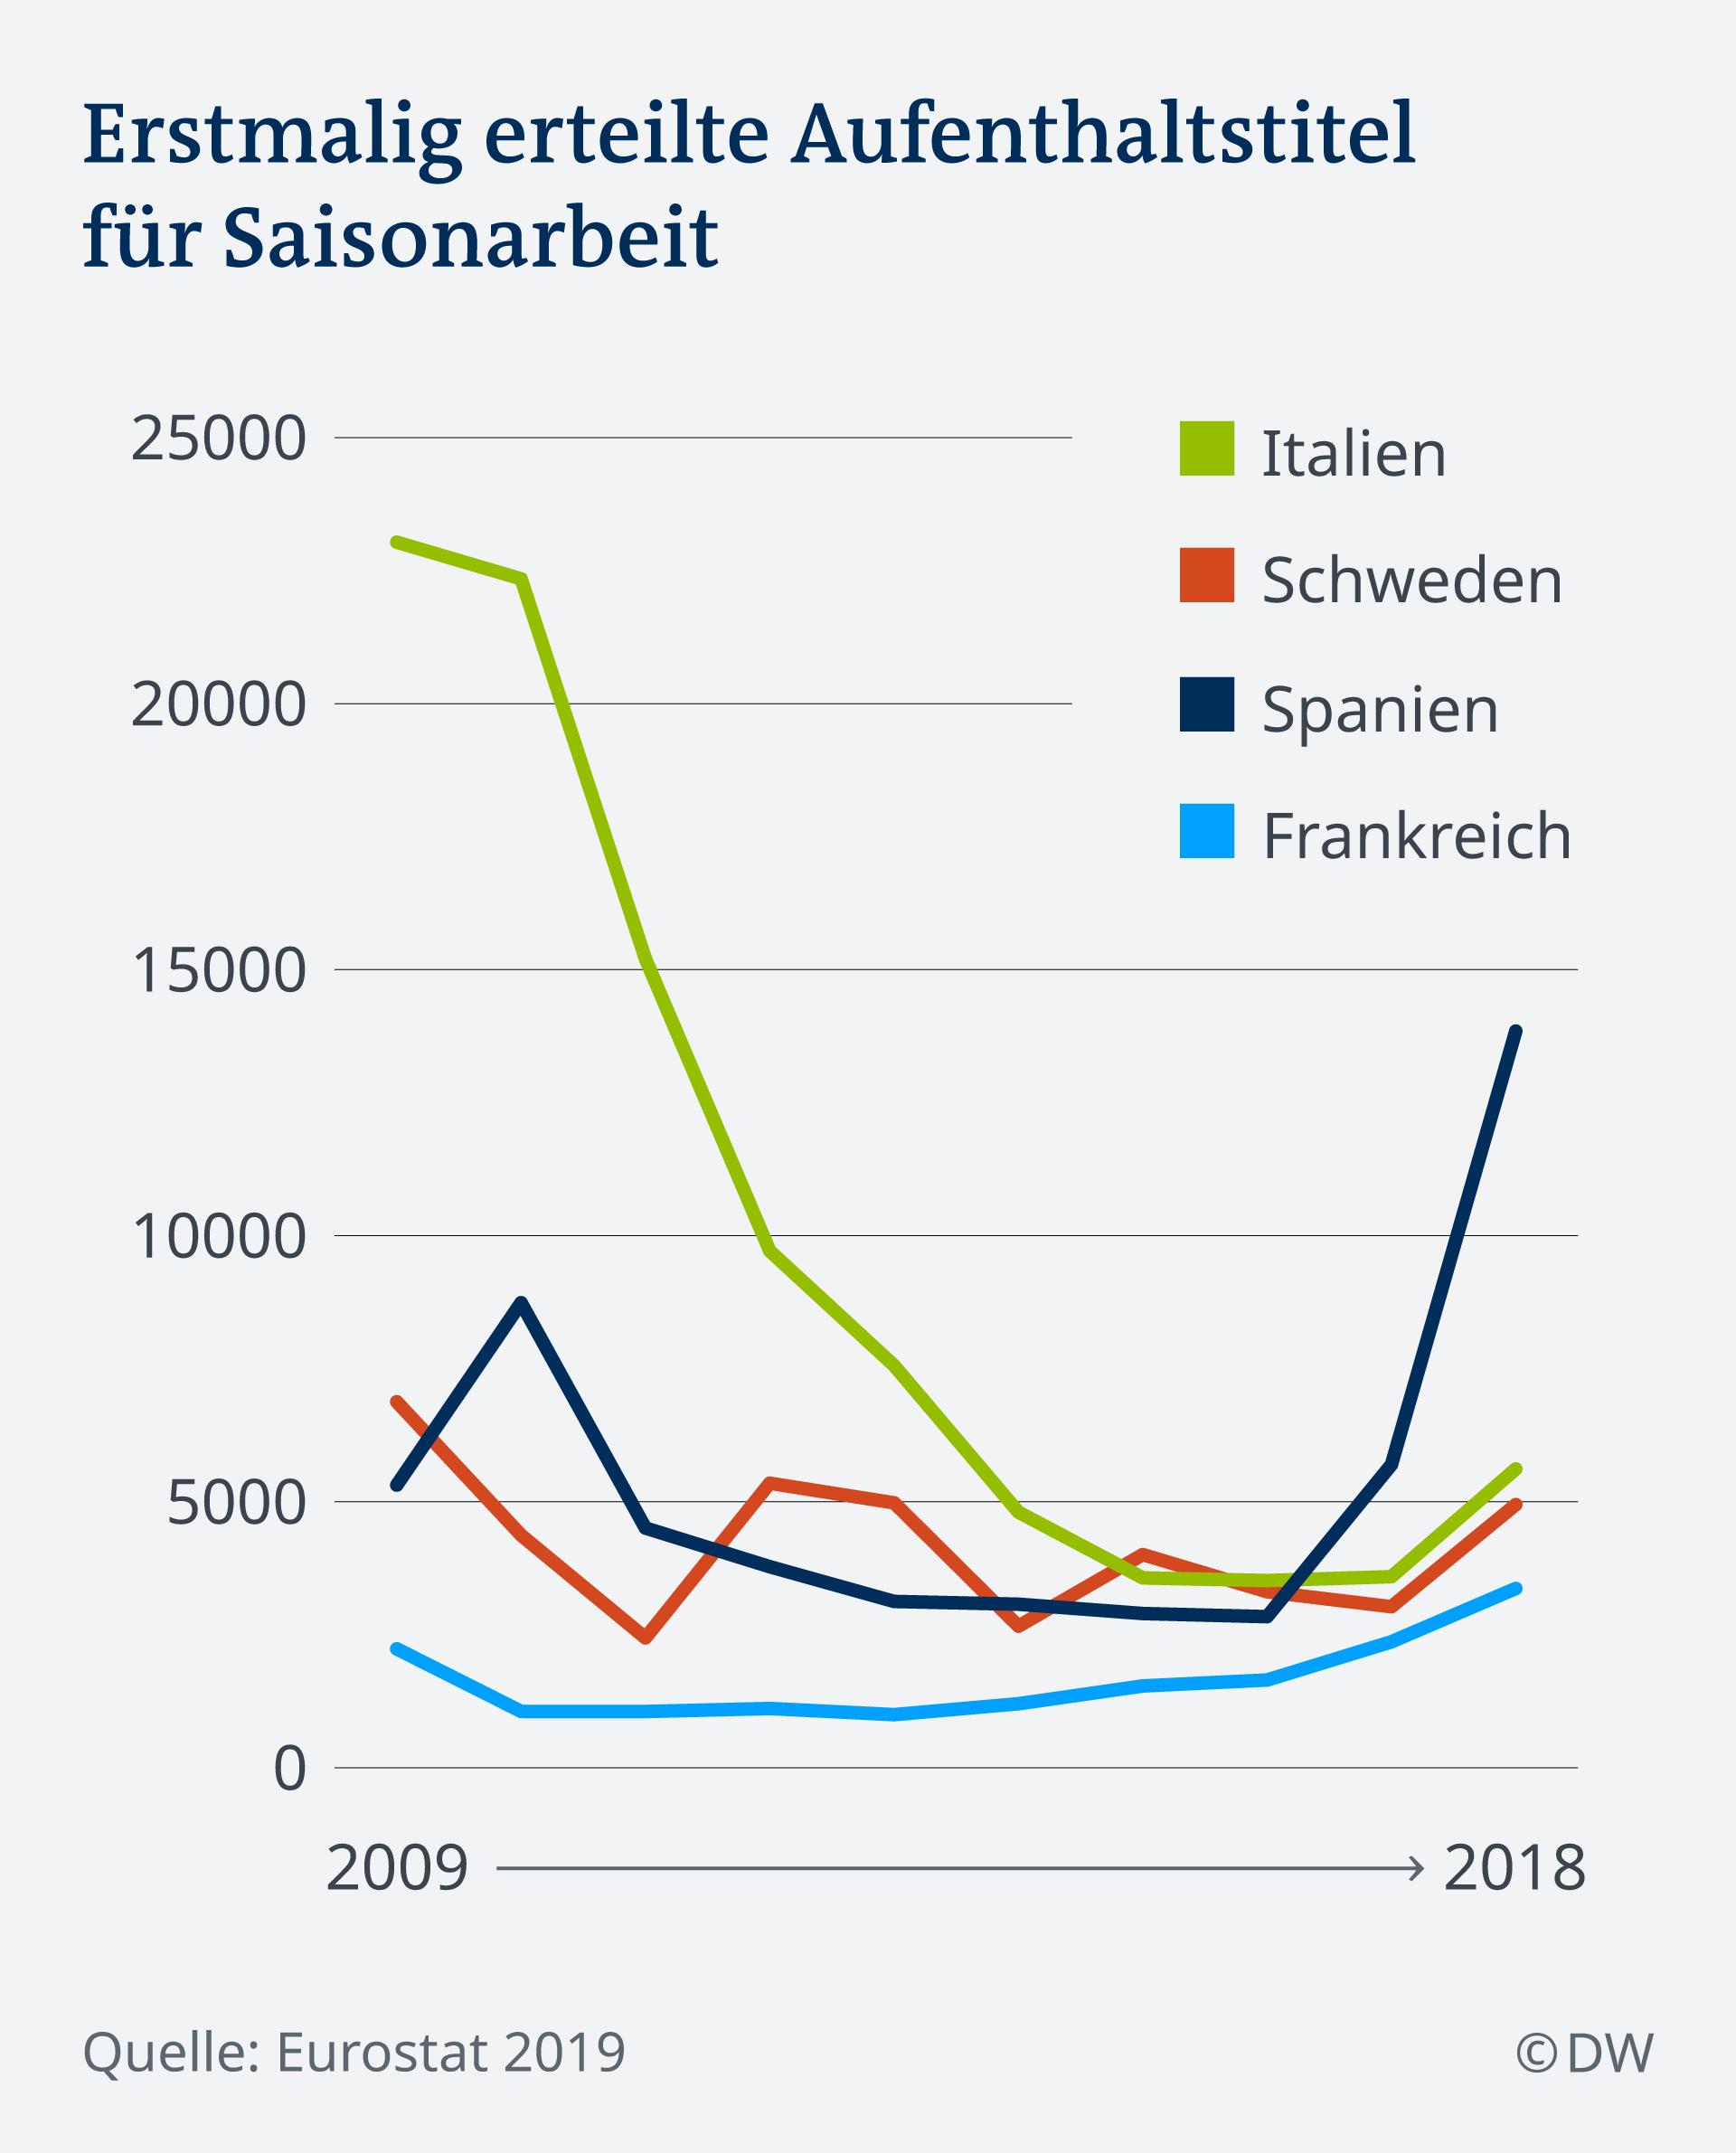 (Sperrfrist) Infografik Erstmalig erteilte Aufenthaltstitel für Saisonarbeit DE